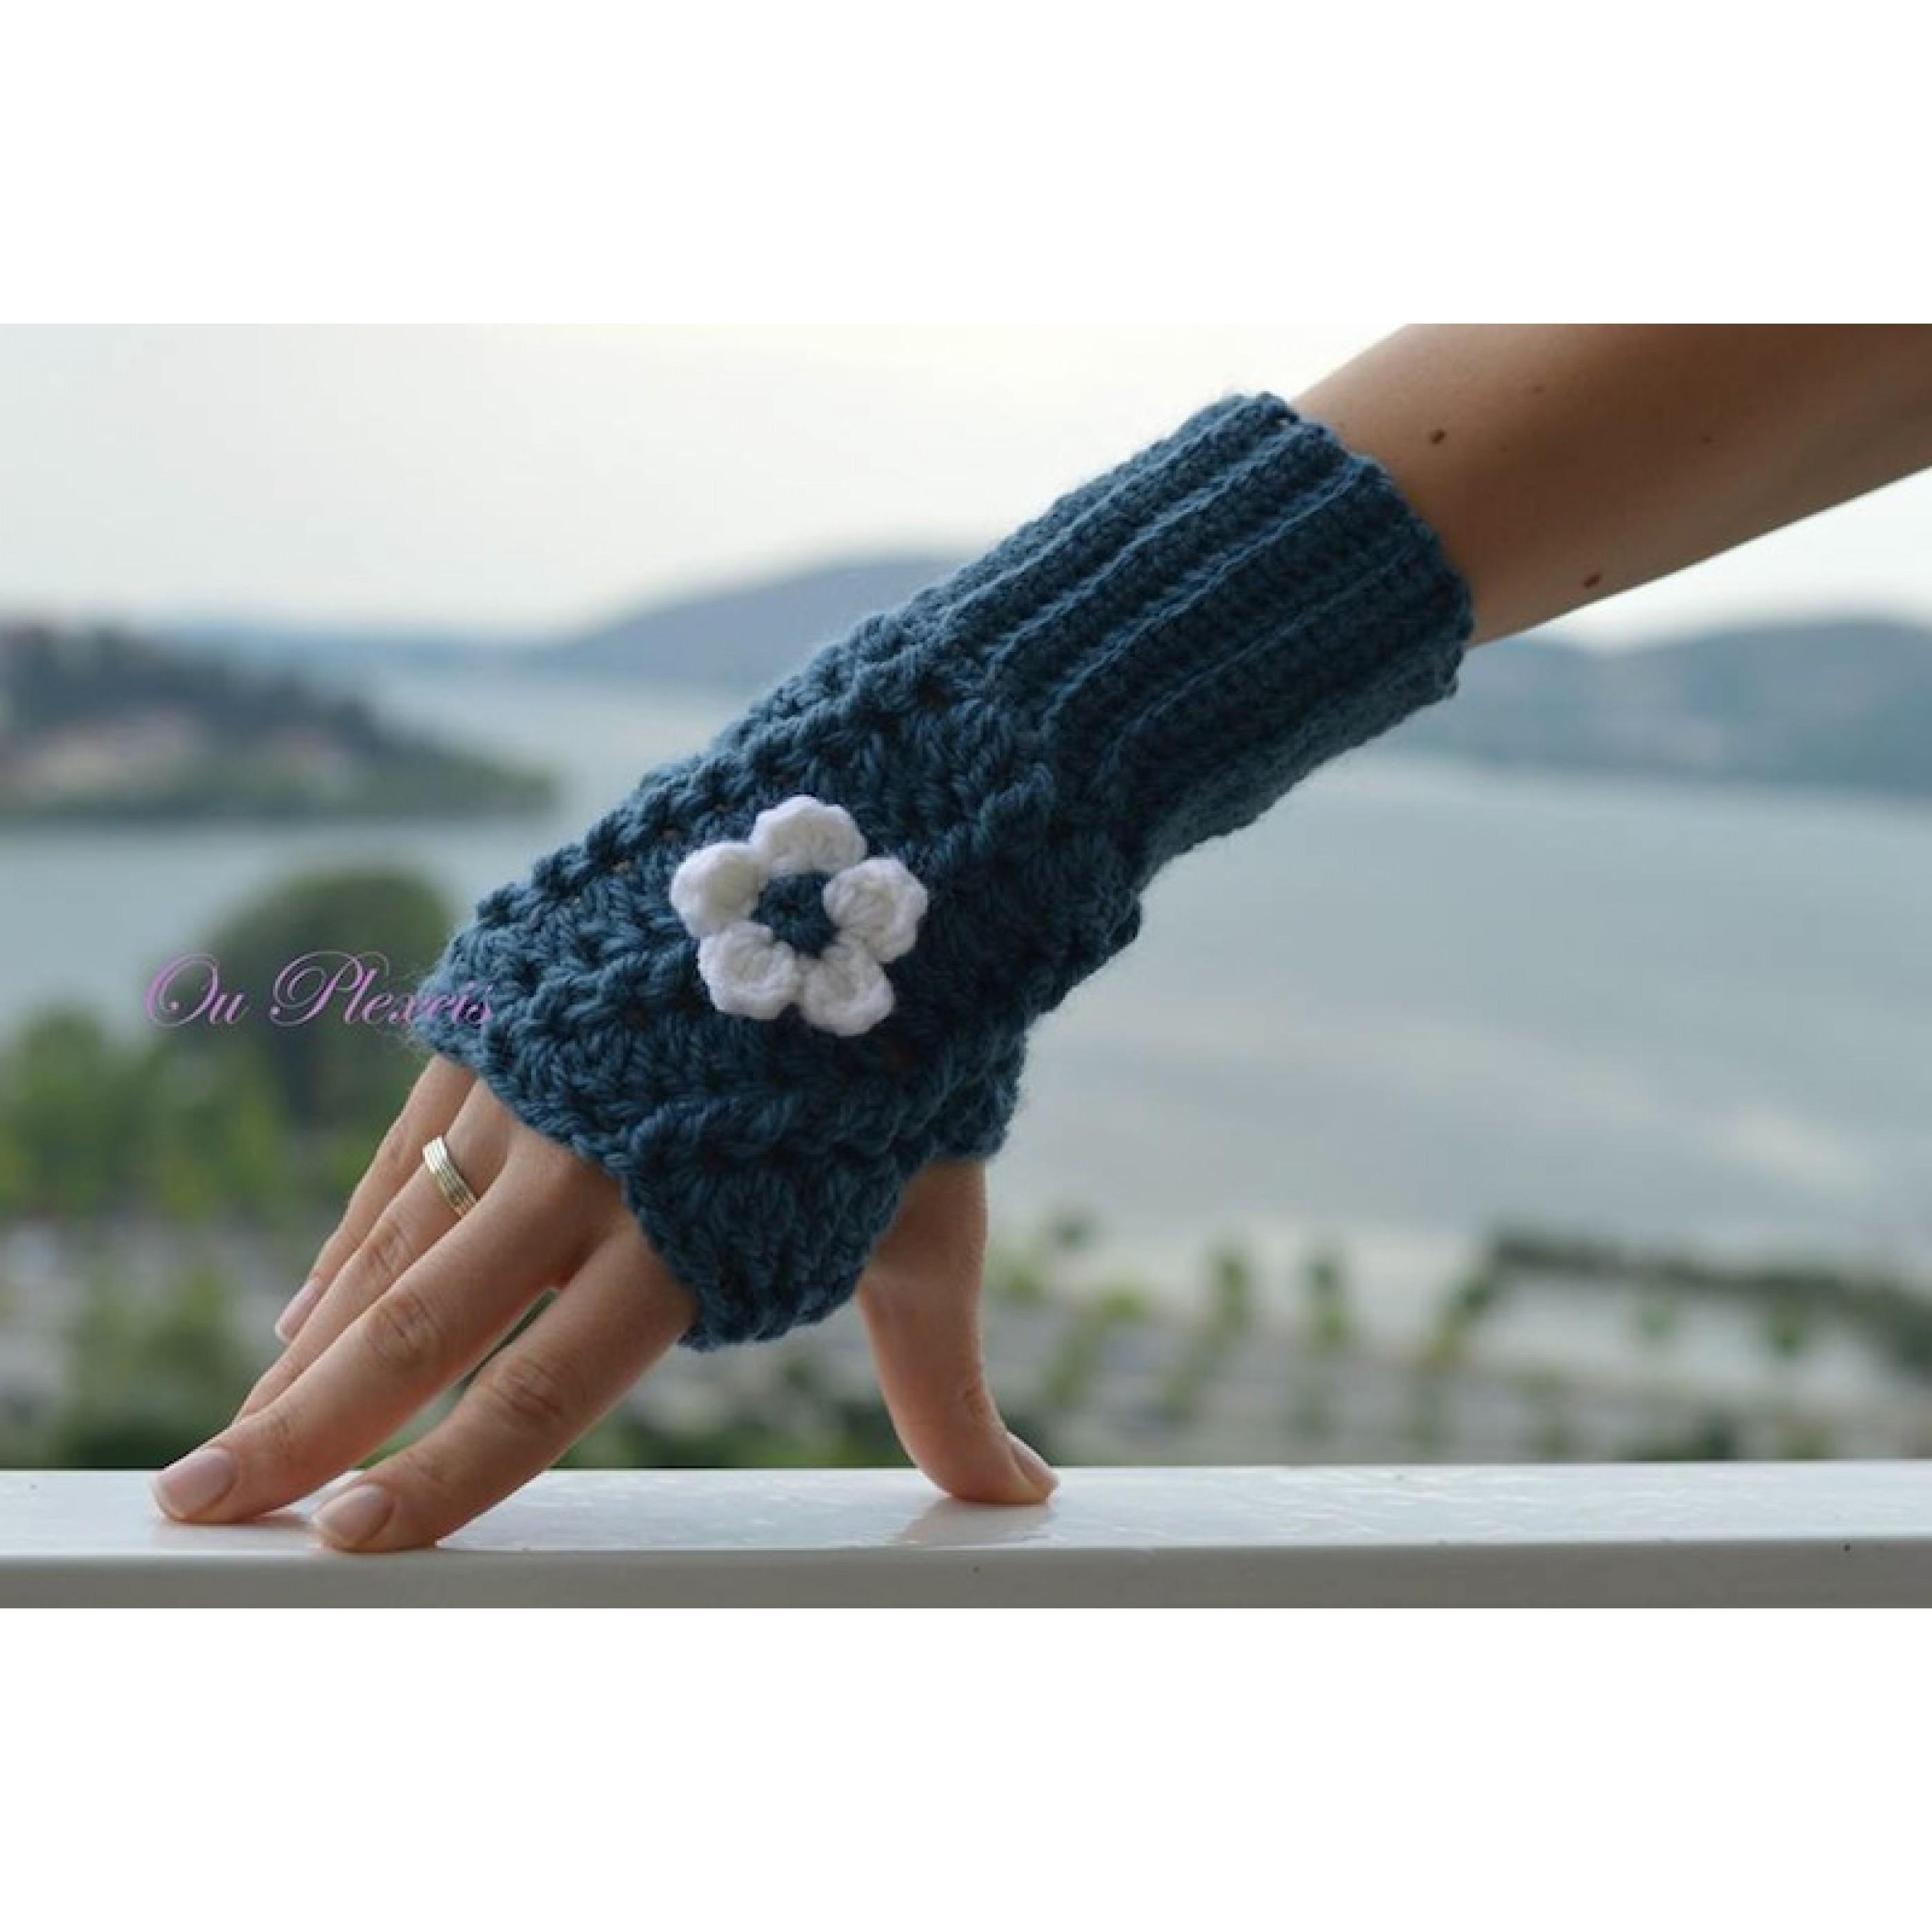 Χειροποίητα πλεκτά γάντια χωρίς δάχτυλα 0e12c69b51a